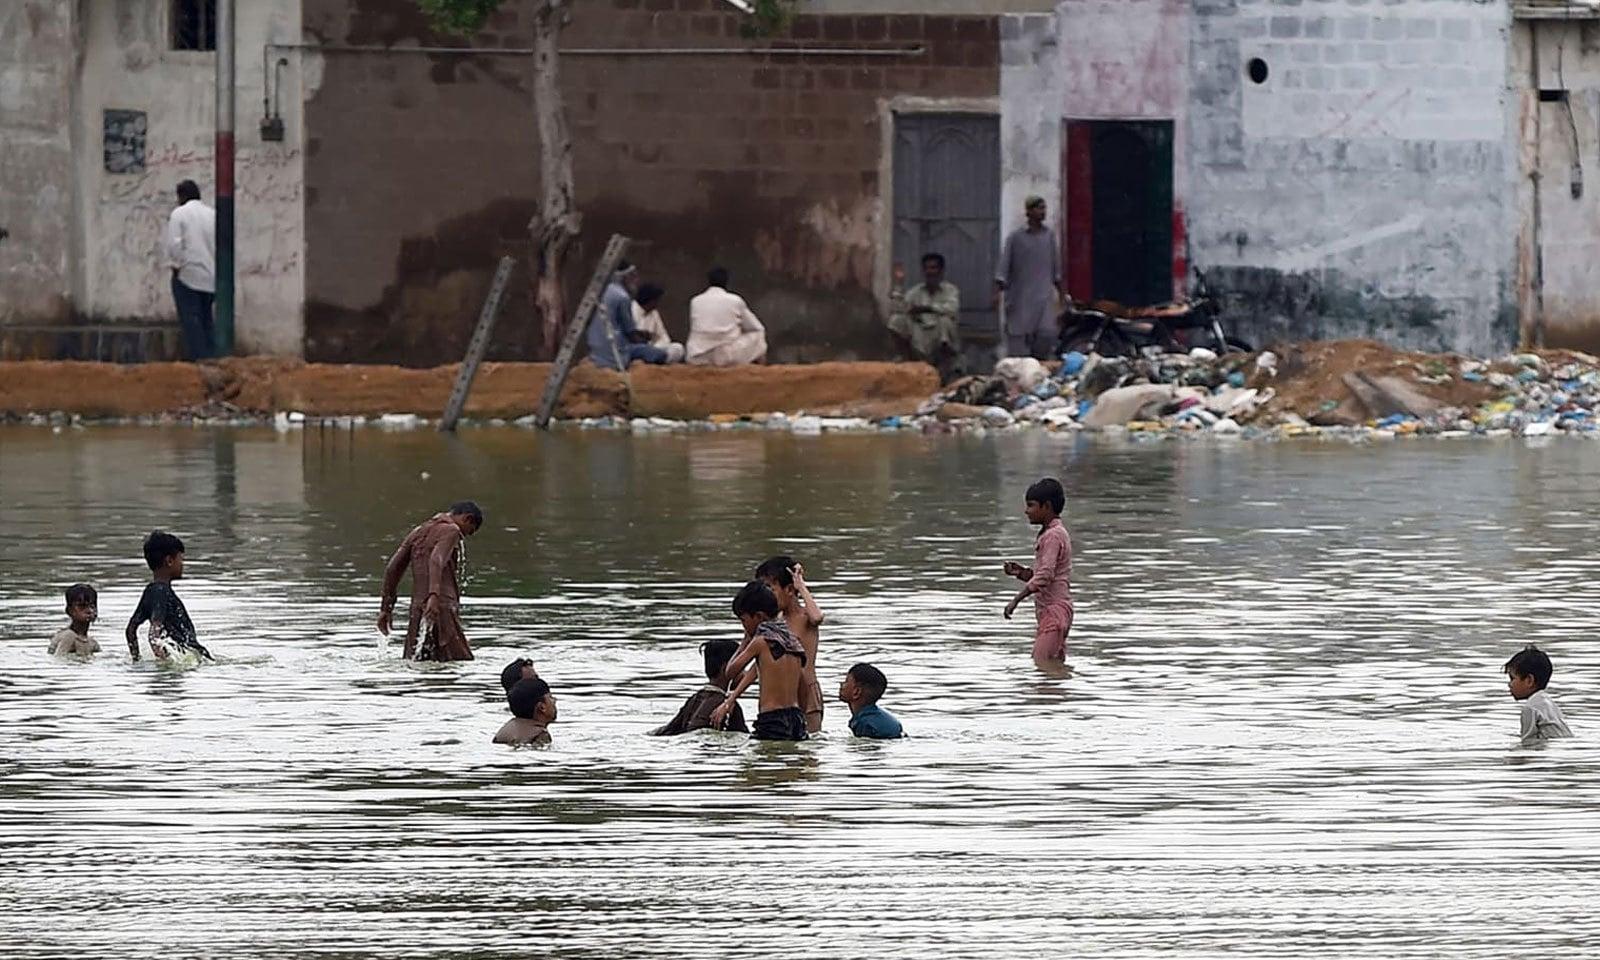 کراچی میں بارش کے بعد متعدد علاقوں میں پانی جمع ہوگیا تھا—فوٹو:اے ایف پی